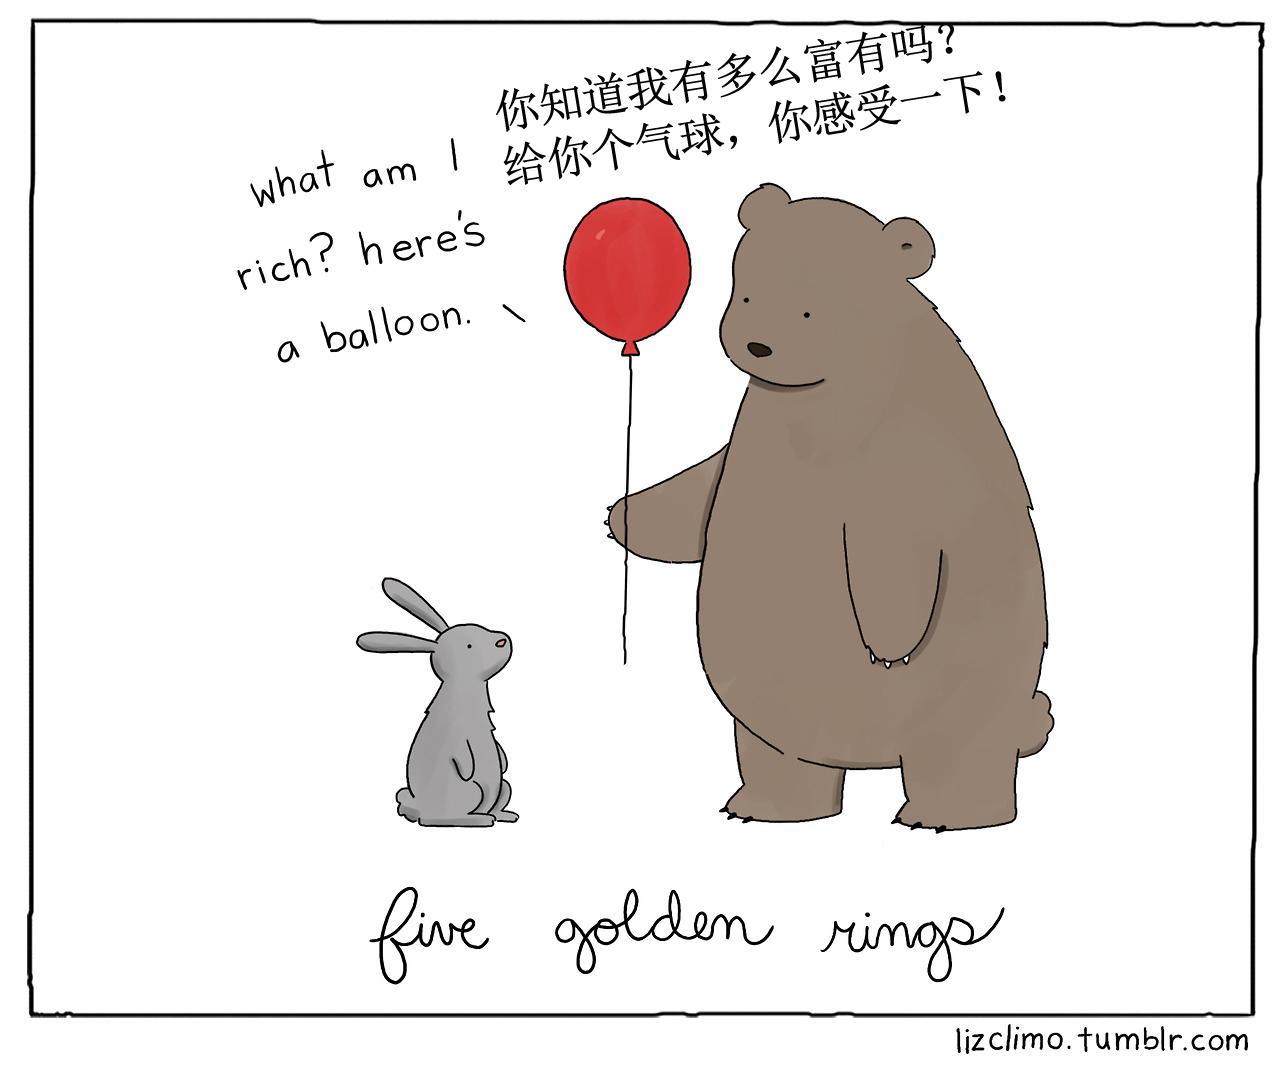 冷萌冷萌的动物小漫画